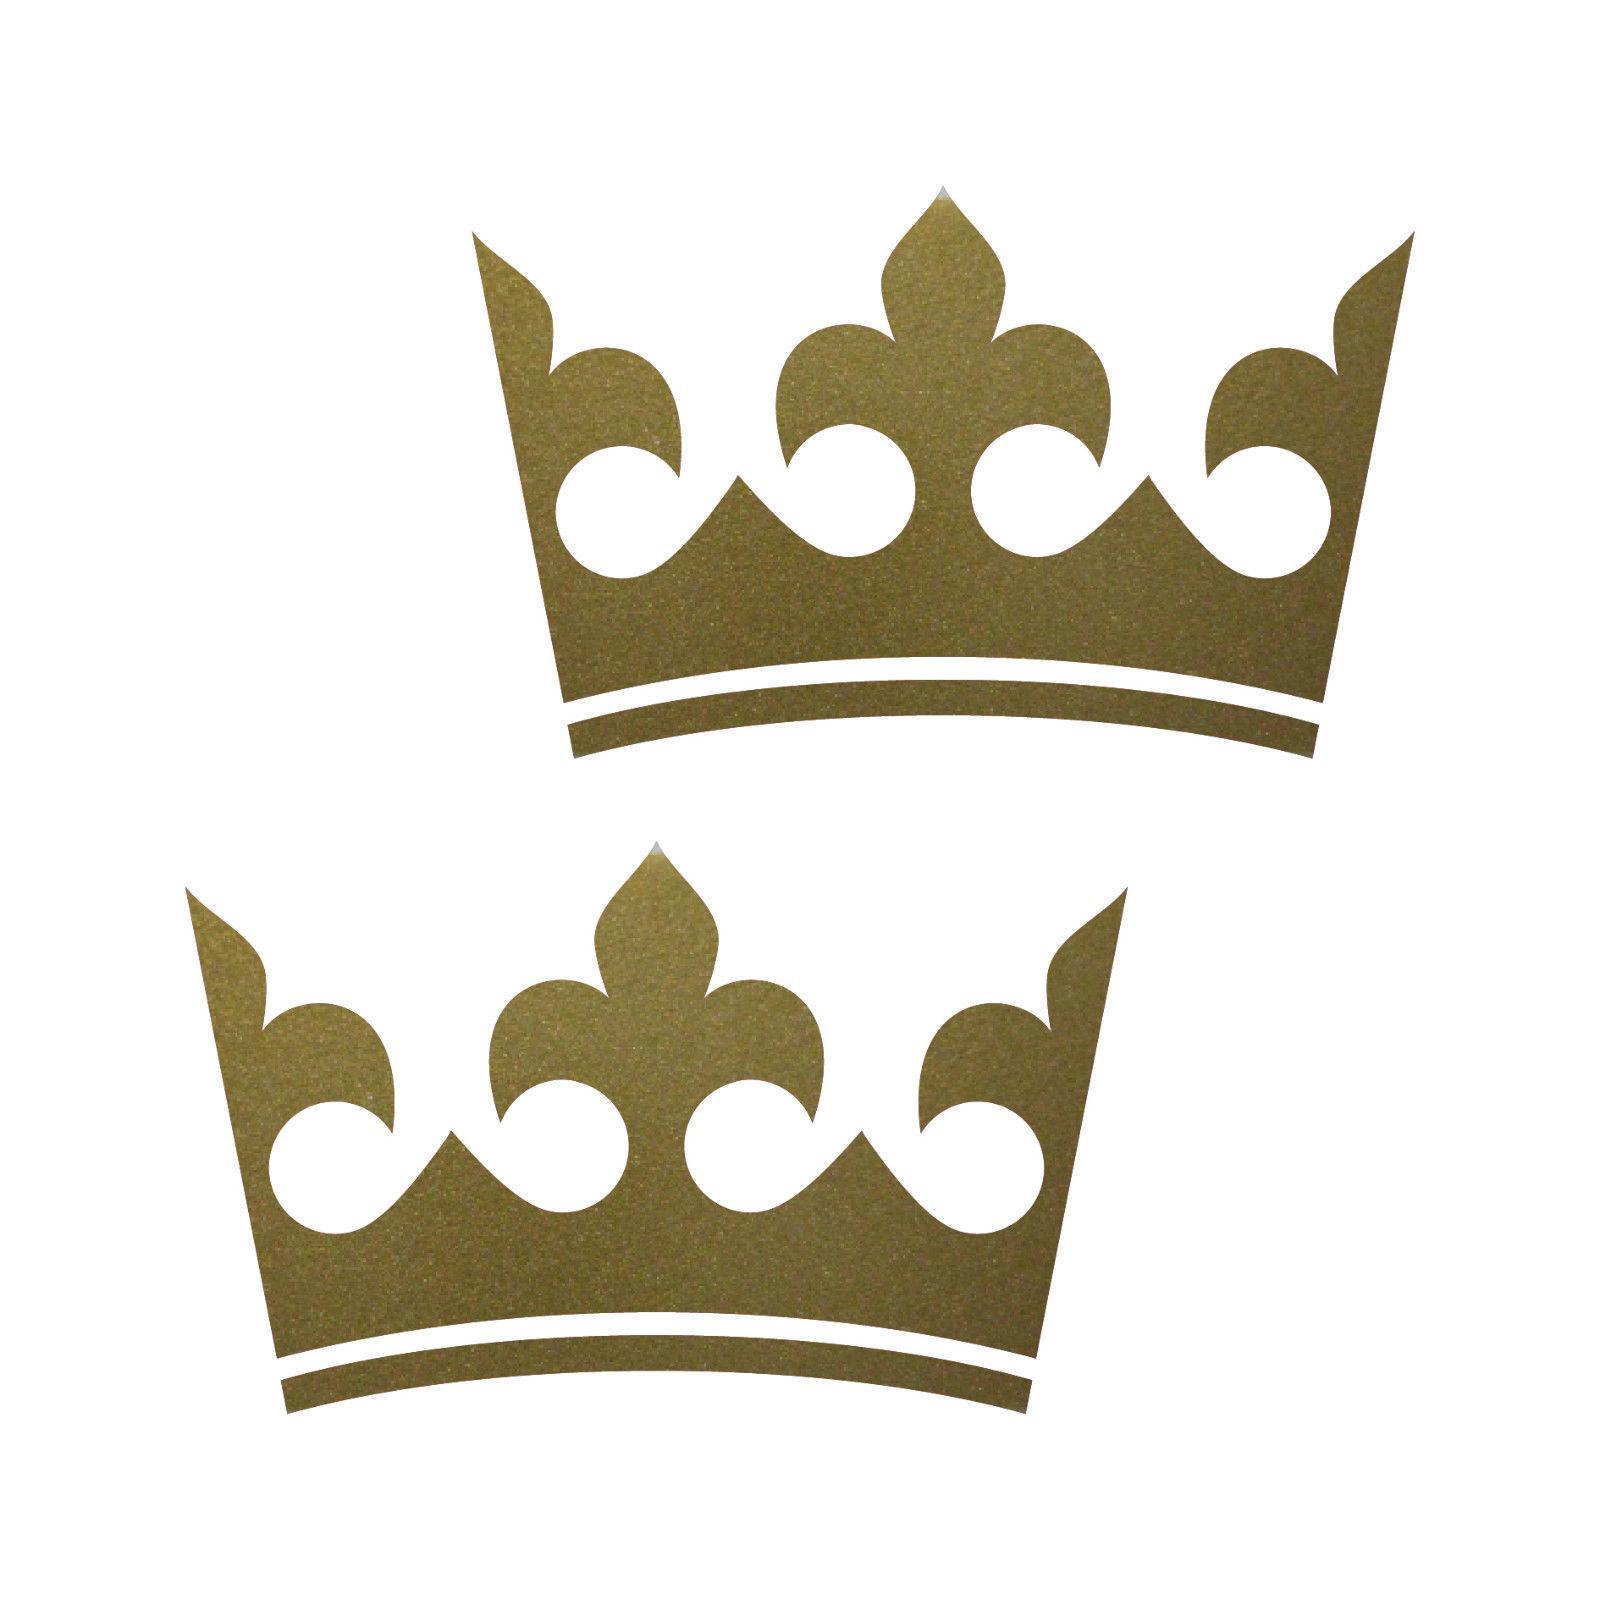 Fenster König 2 kronen 12cm gold könig krone aufkleber auto fenster möbel